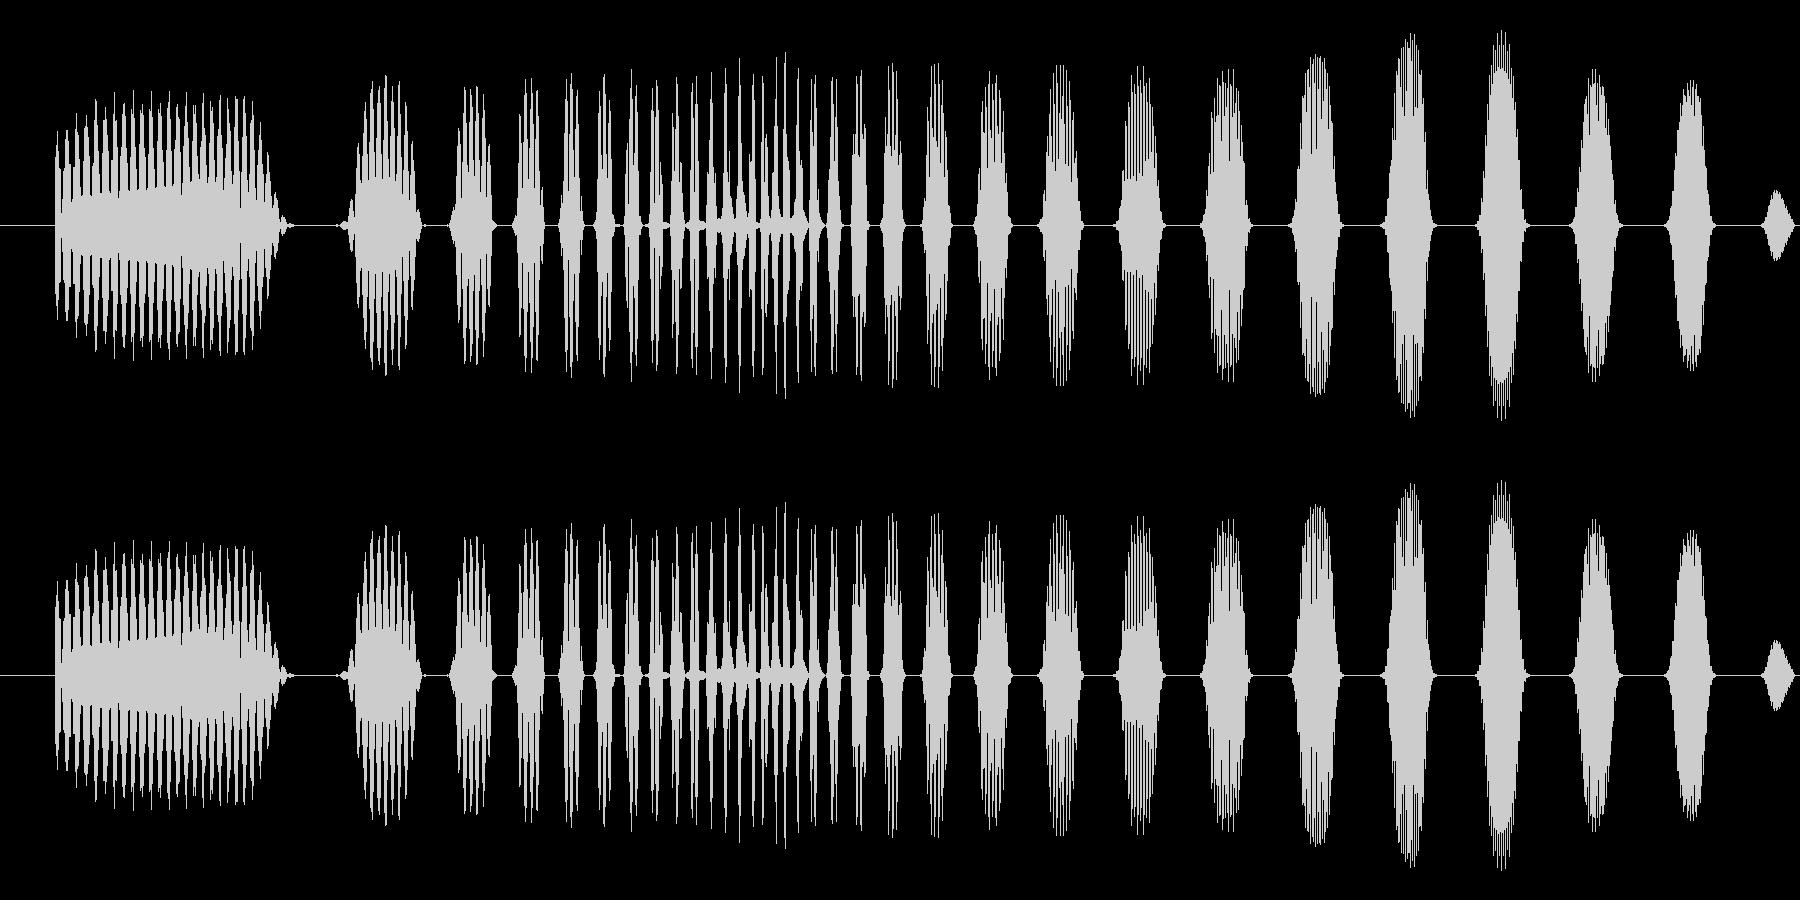 何かを放つような機械音です。の未再生の波形